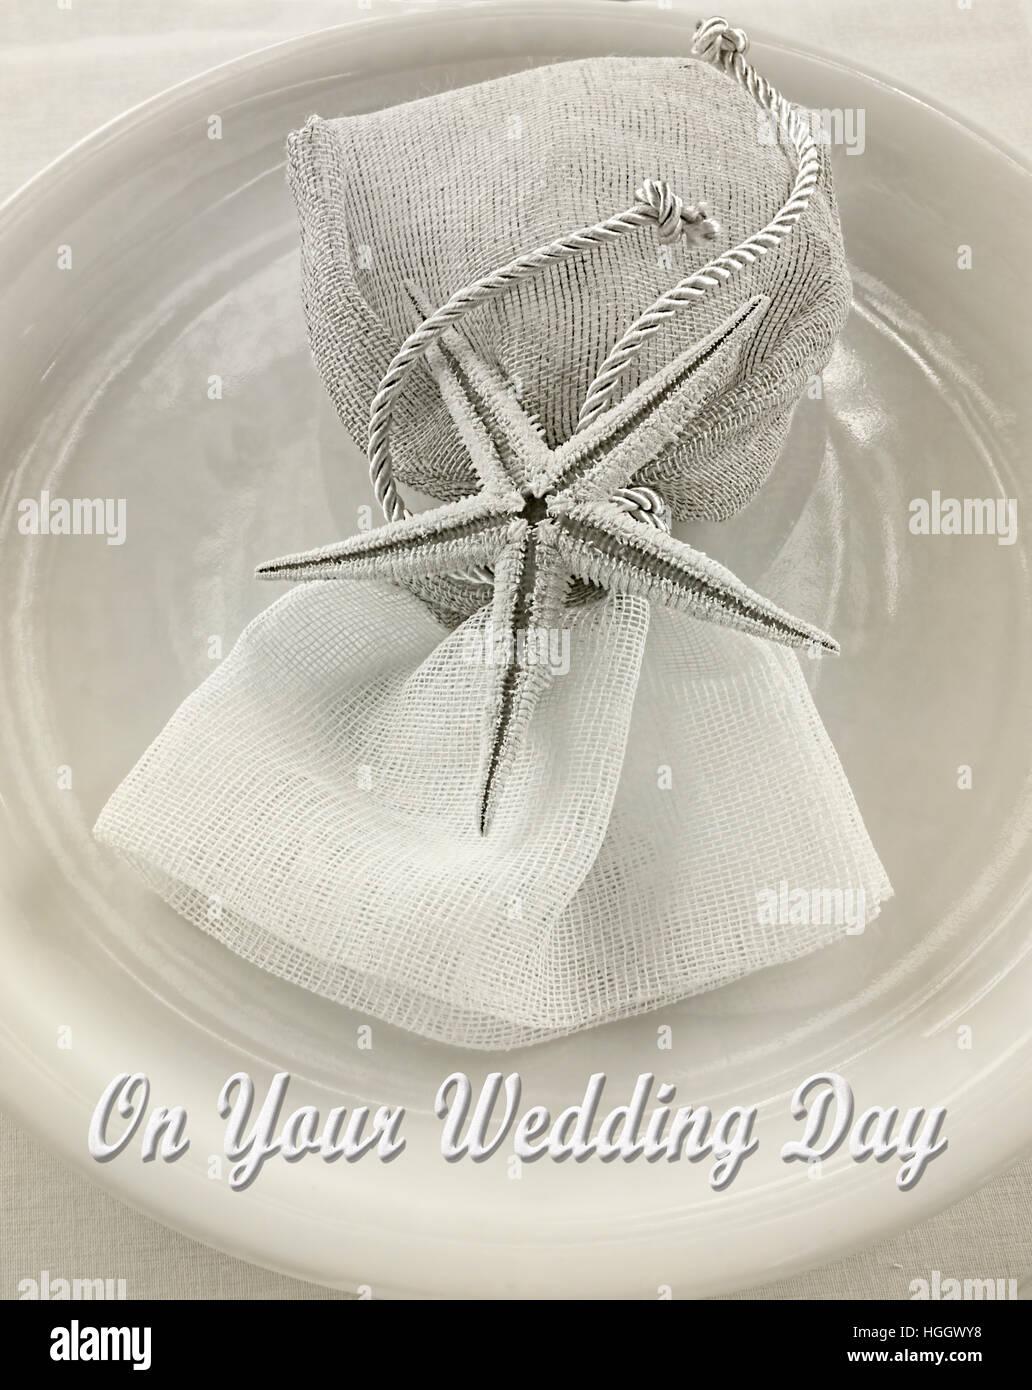 Theme Wedding Stock Photos & Theme Wedding Stock Images - Alamy